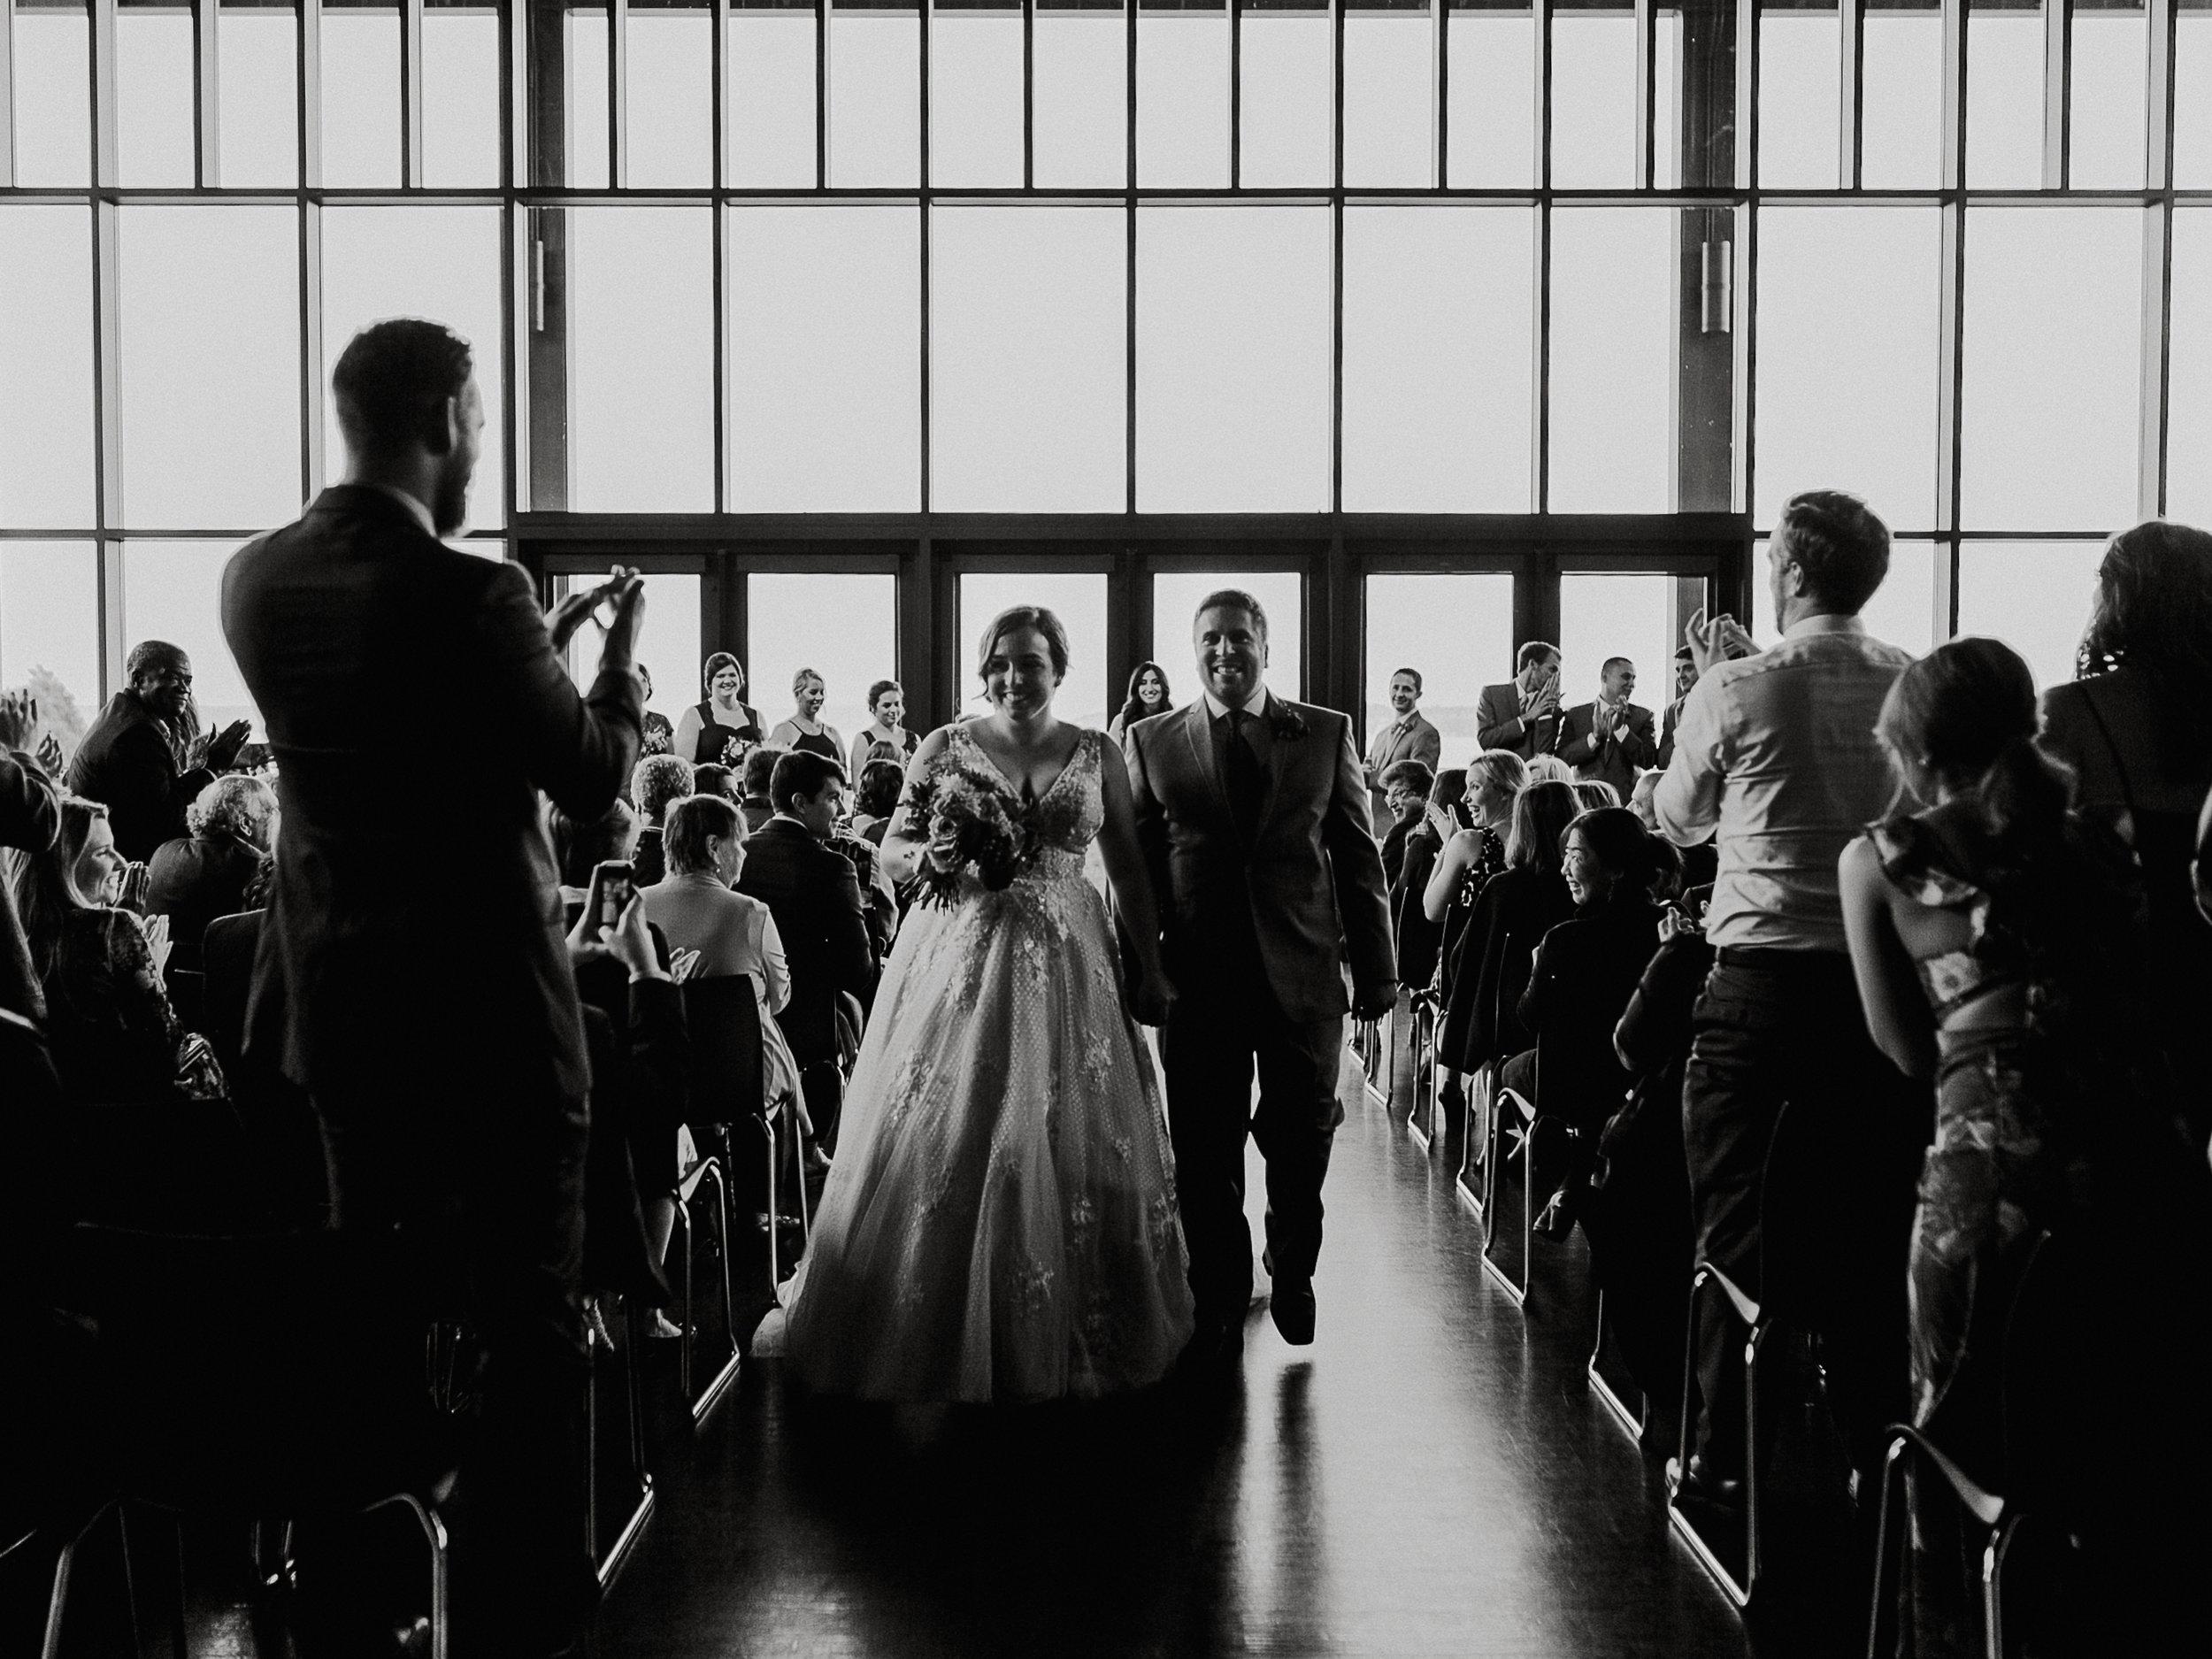 Bride & groom walking down aisle Rosehill